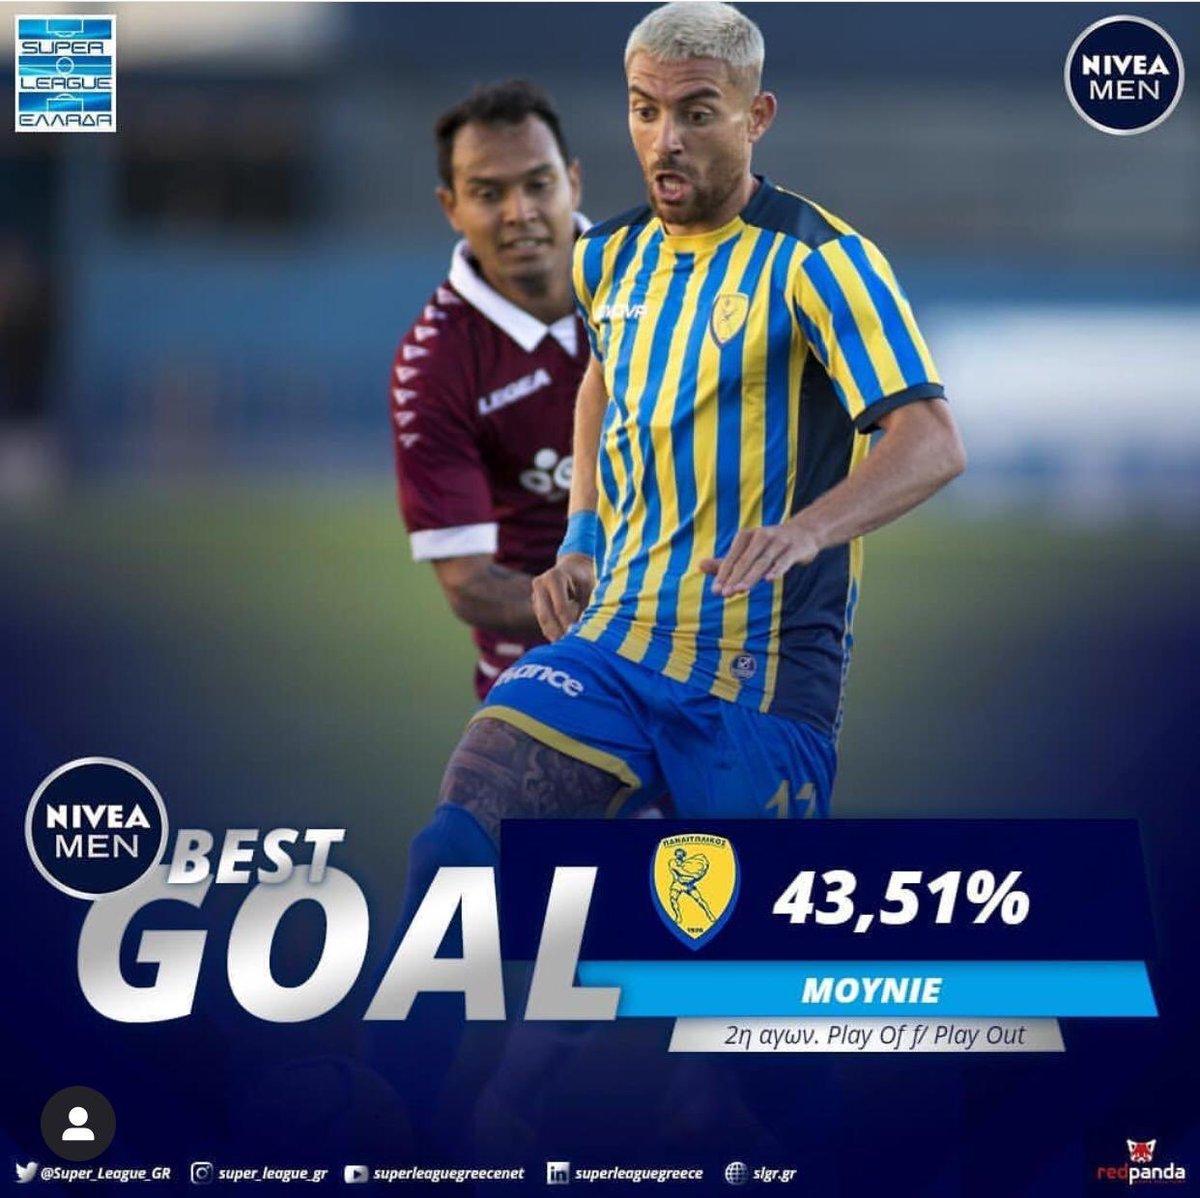 Football as it's meant to be .... Anthony Mounier best goal #SuperLeague #mounier #greekfootball #bestgoal https://t.co/fhbUSP8dgT